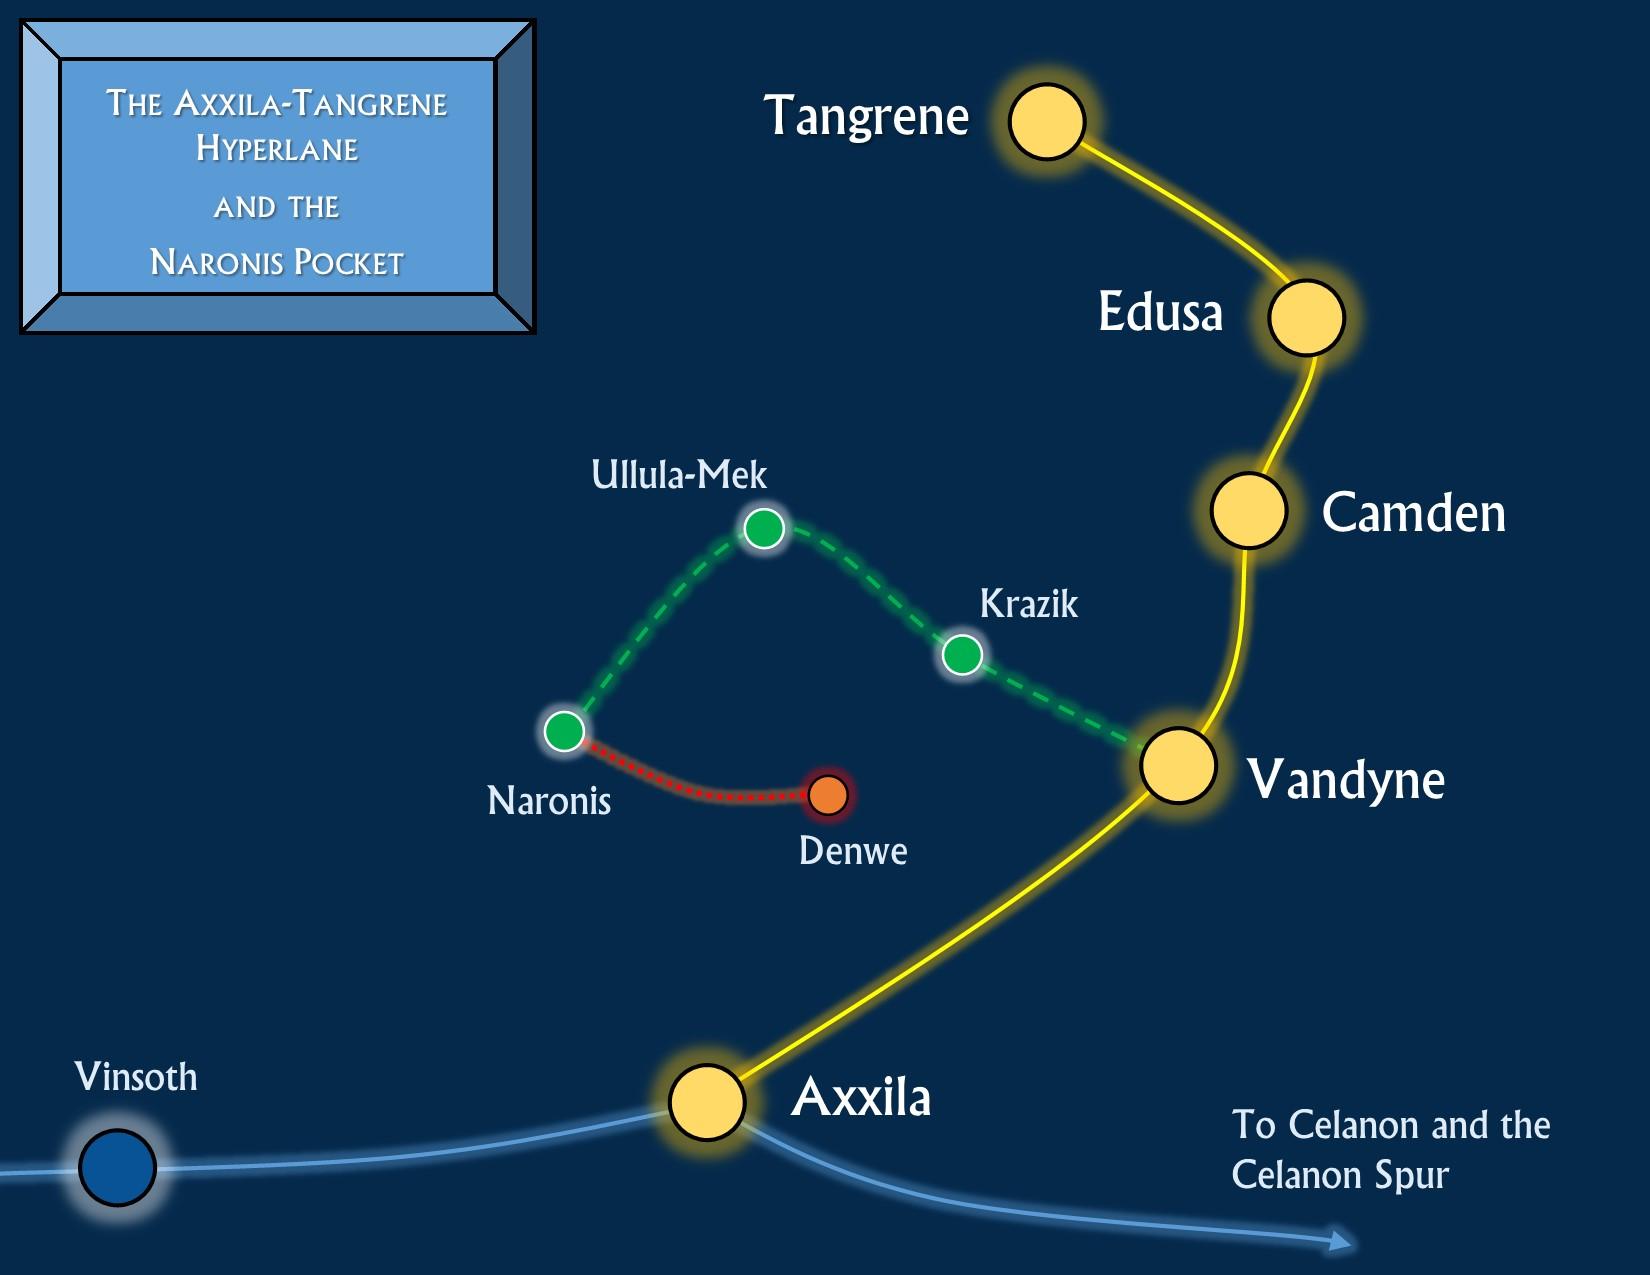 Axxila-Tangrene.jpg